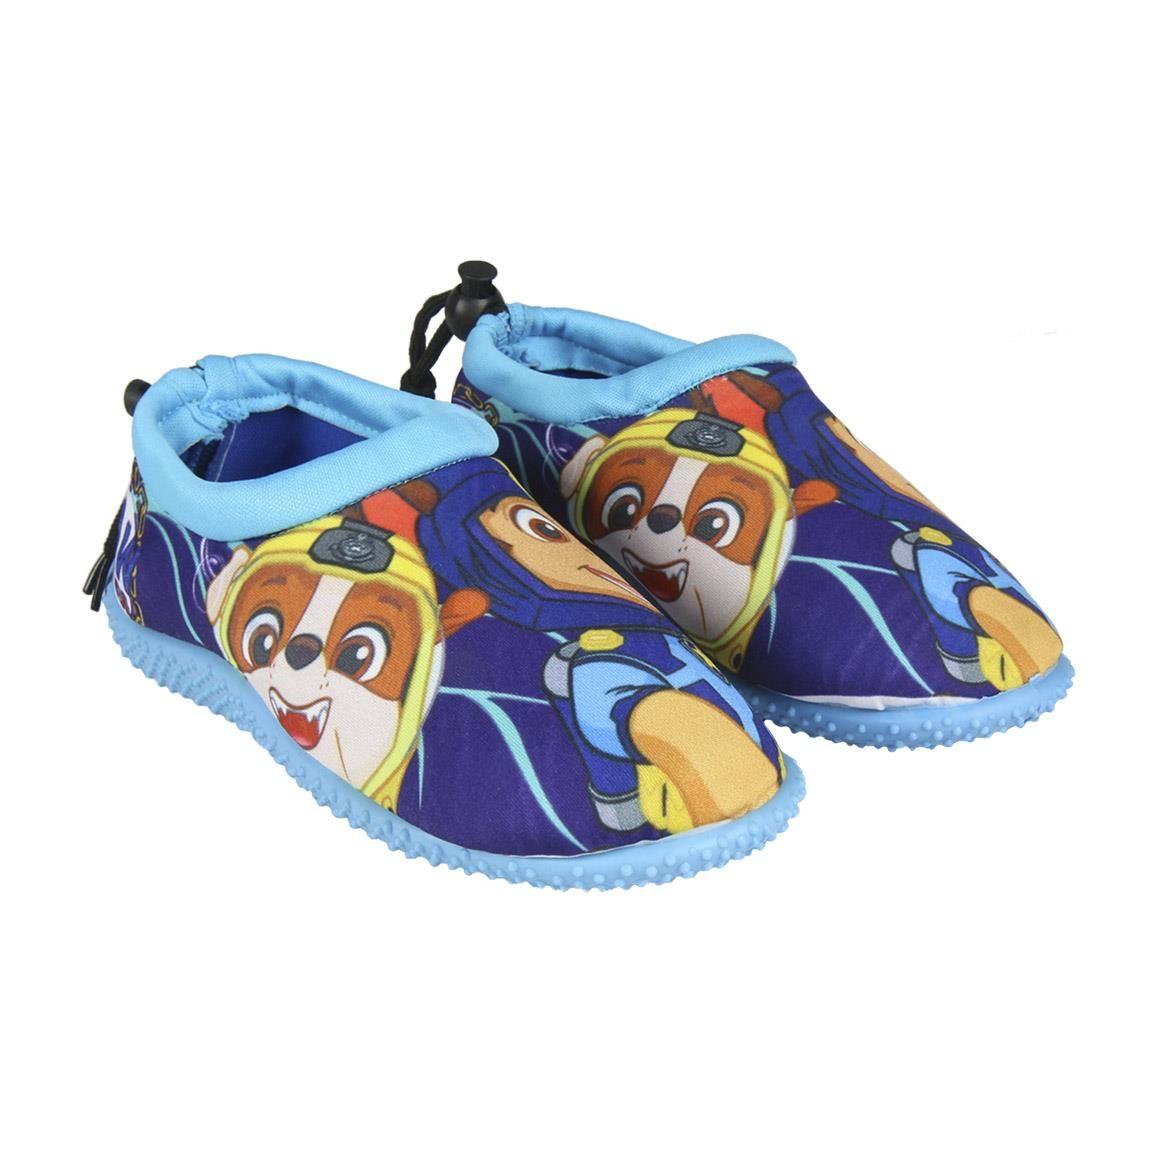 Buty do wody Psi Patrol dziecięce na plaże r 29